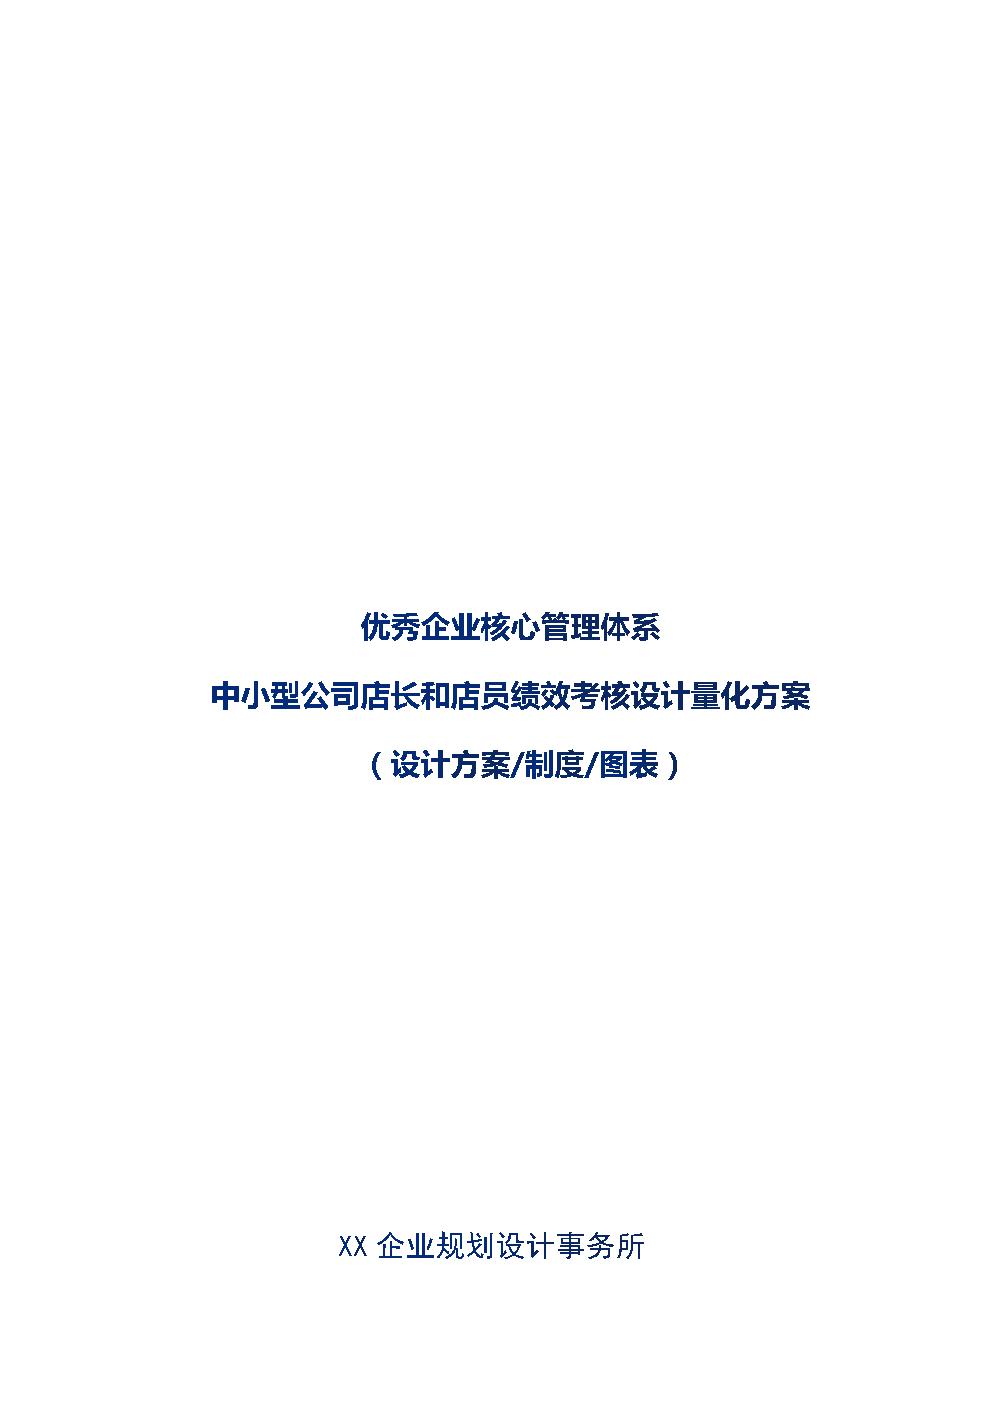 中小型公司店长和店员绩效考核设计量化方案.docx